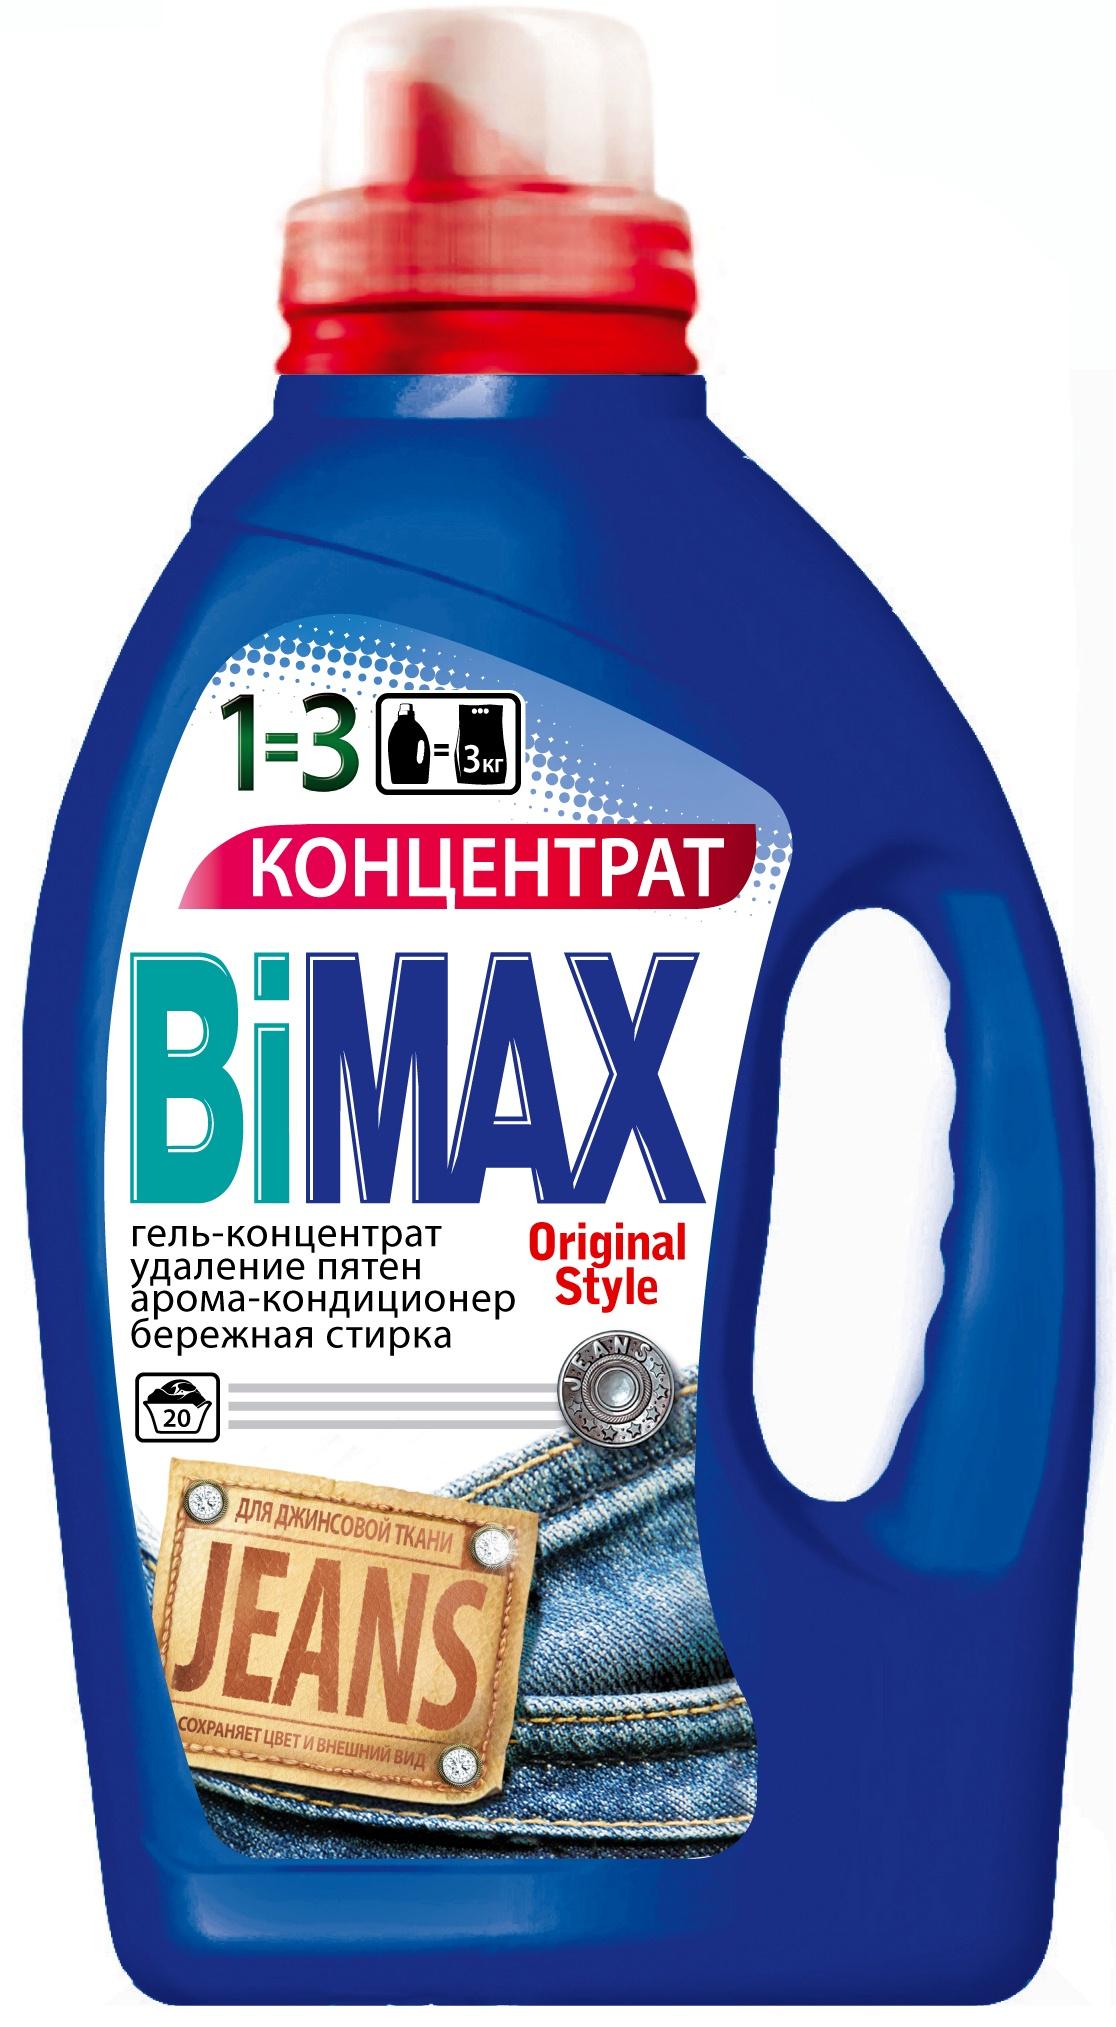 Гель для стирки BiMax Jeans концентрированный, 1.5 л